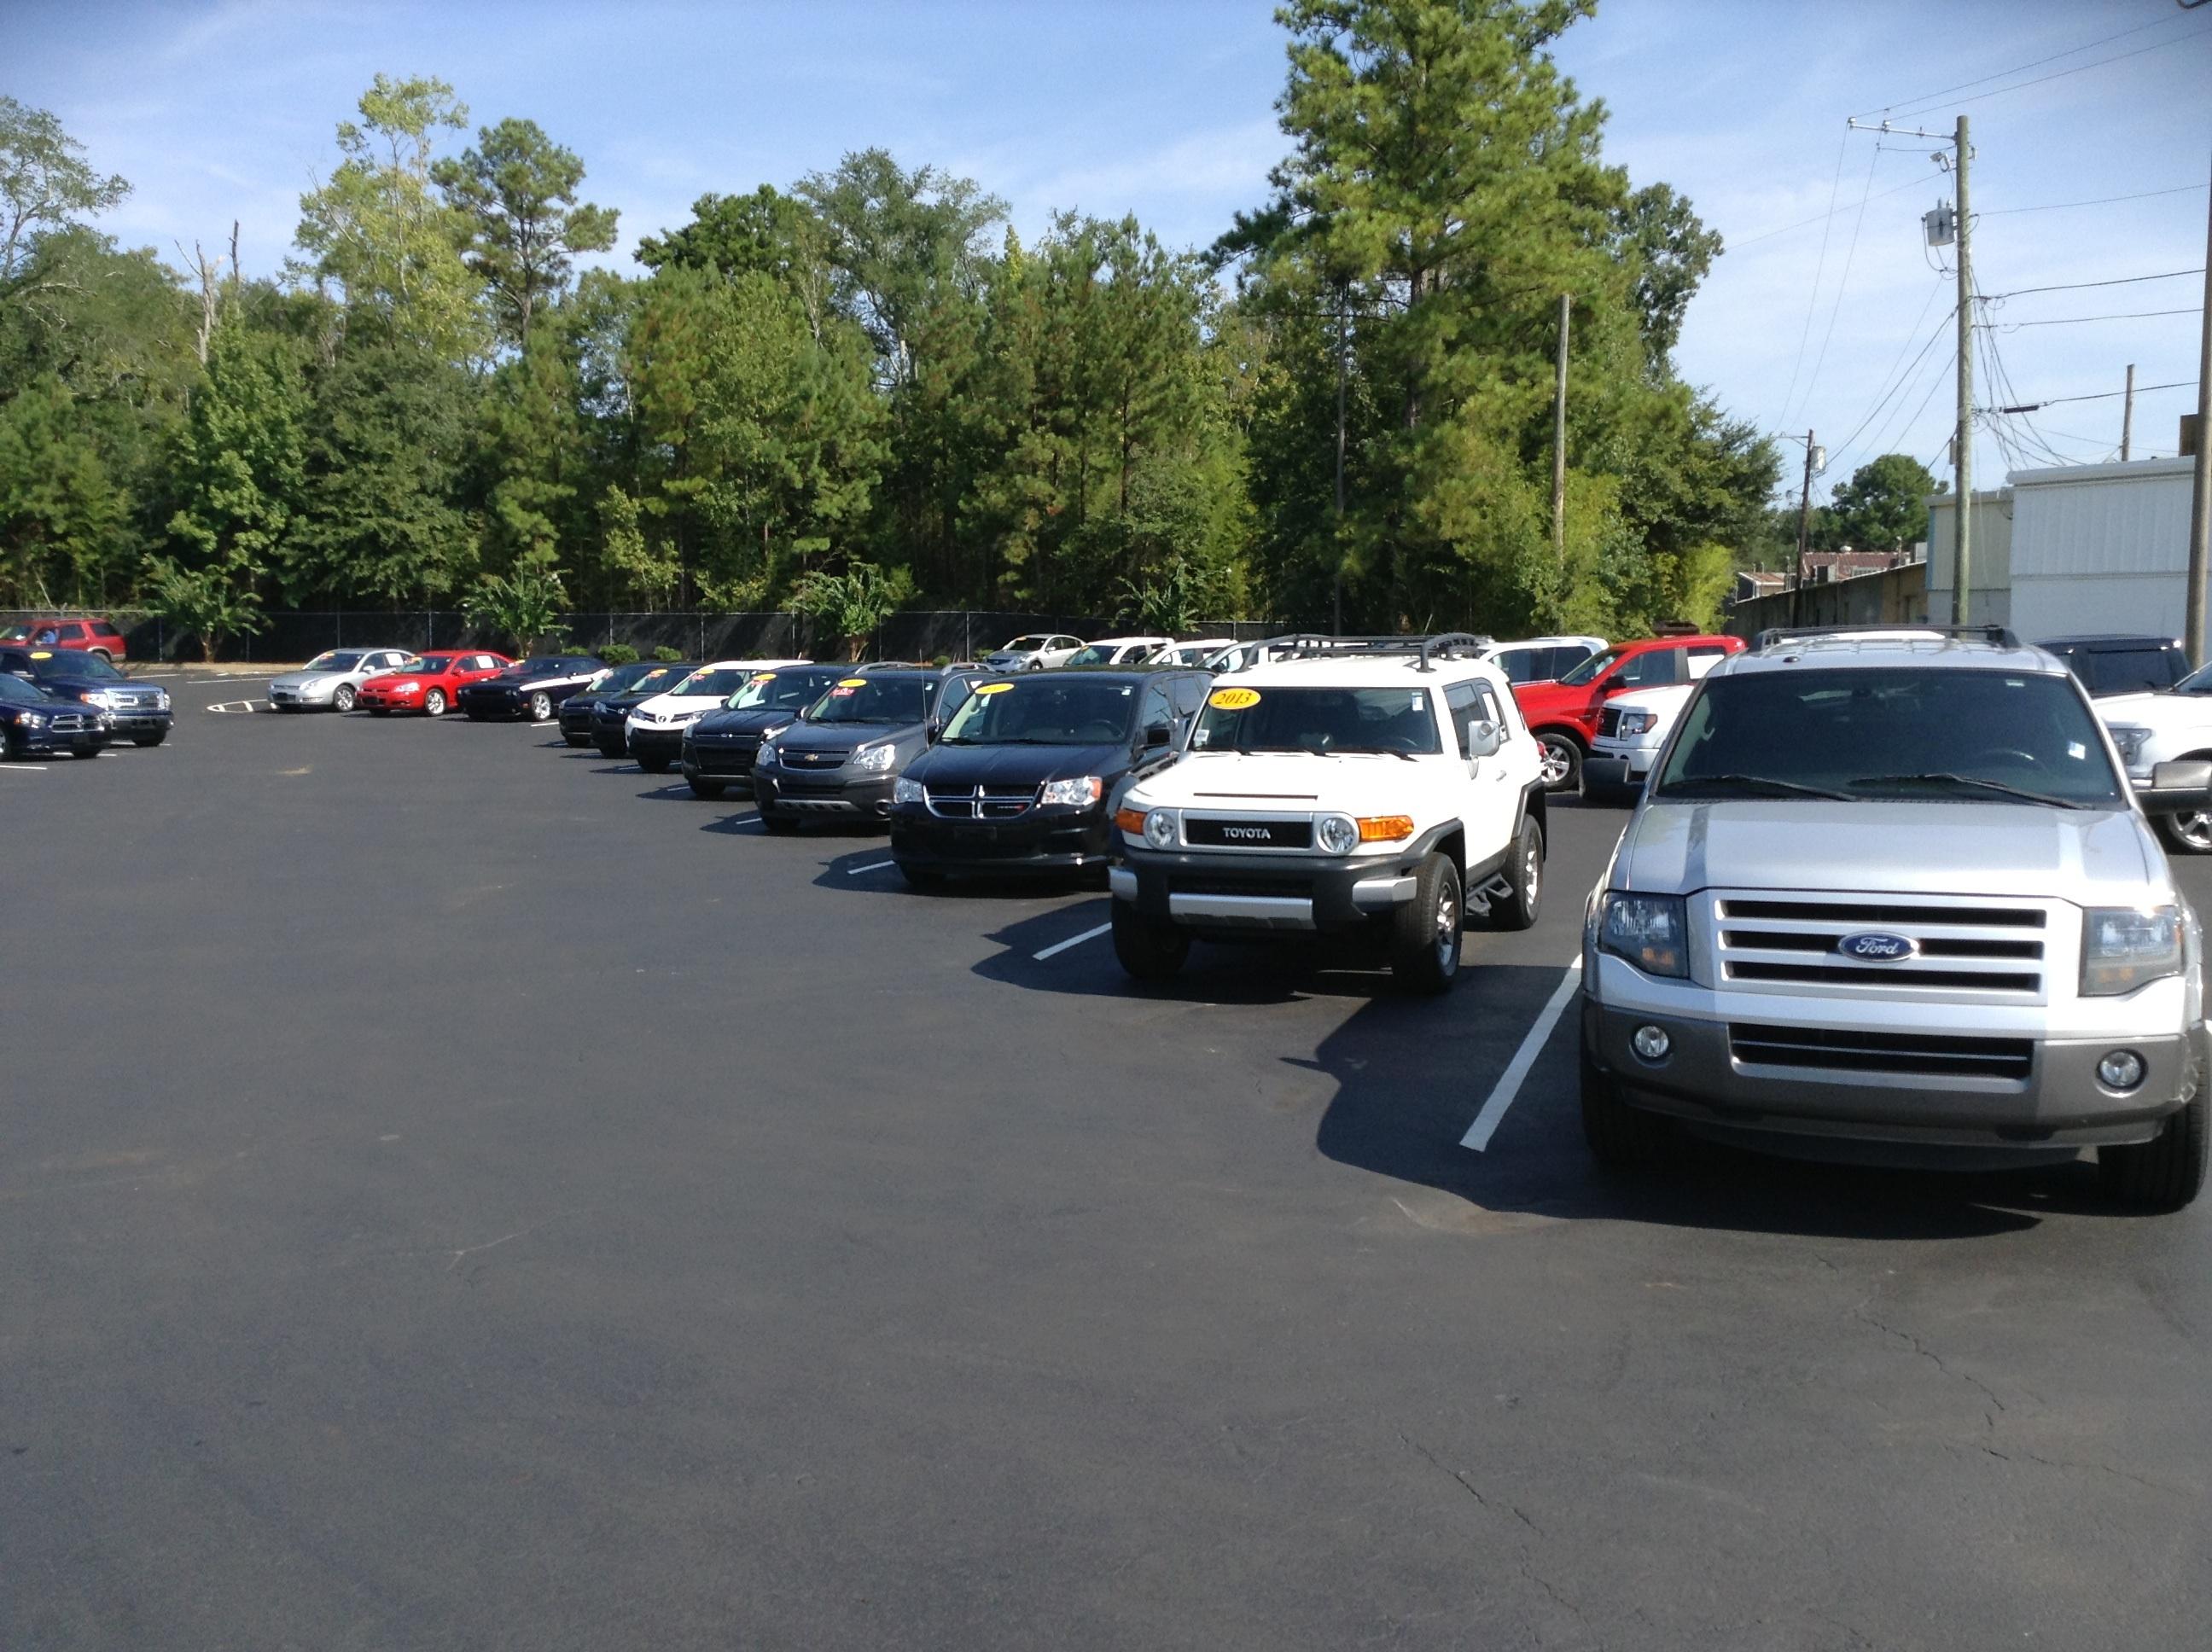 Cars R Us of Thomasville 1421 E Jackson St Thomasville GA